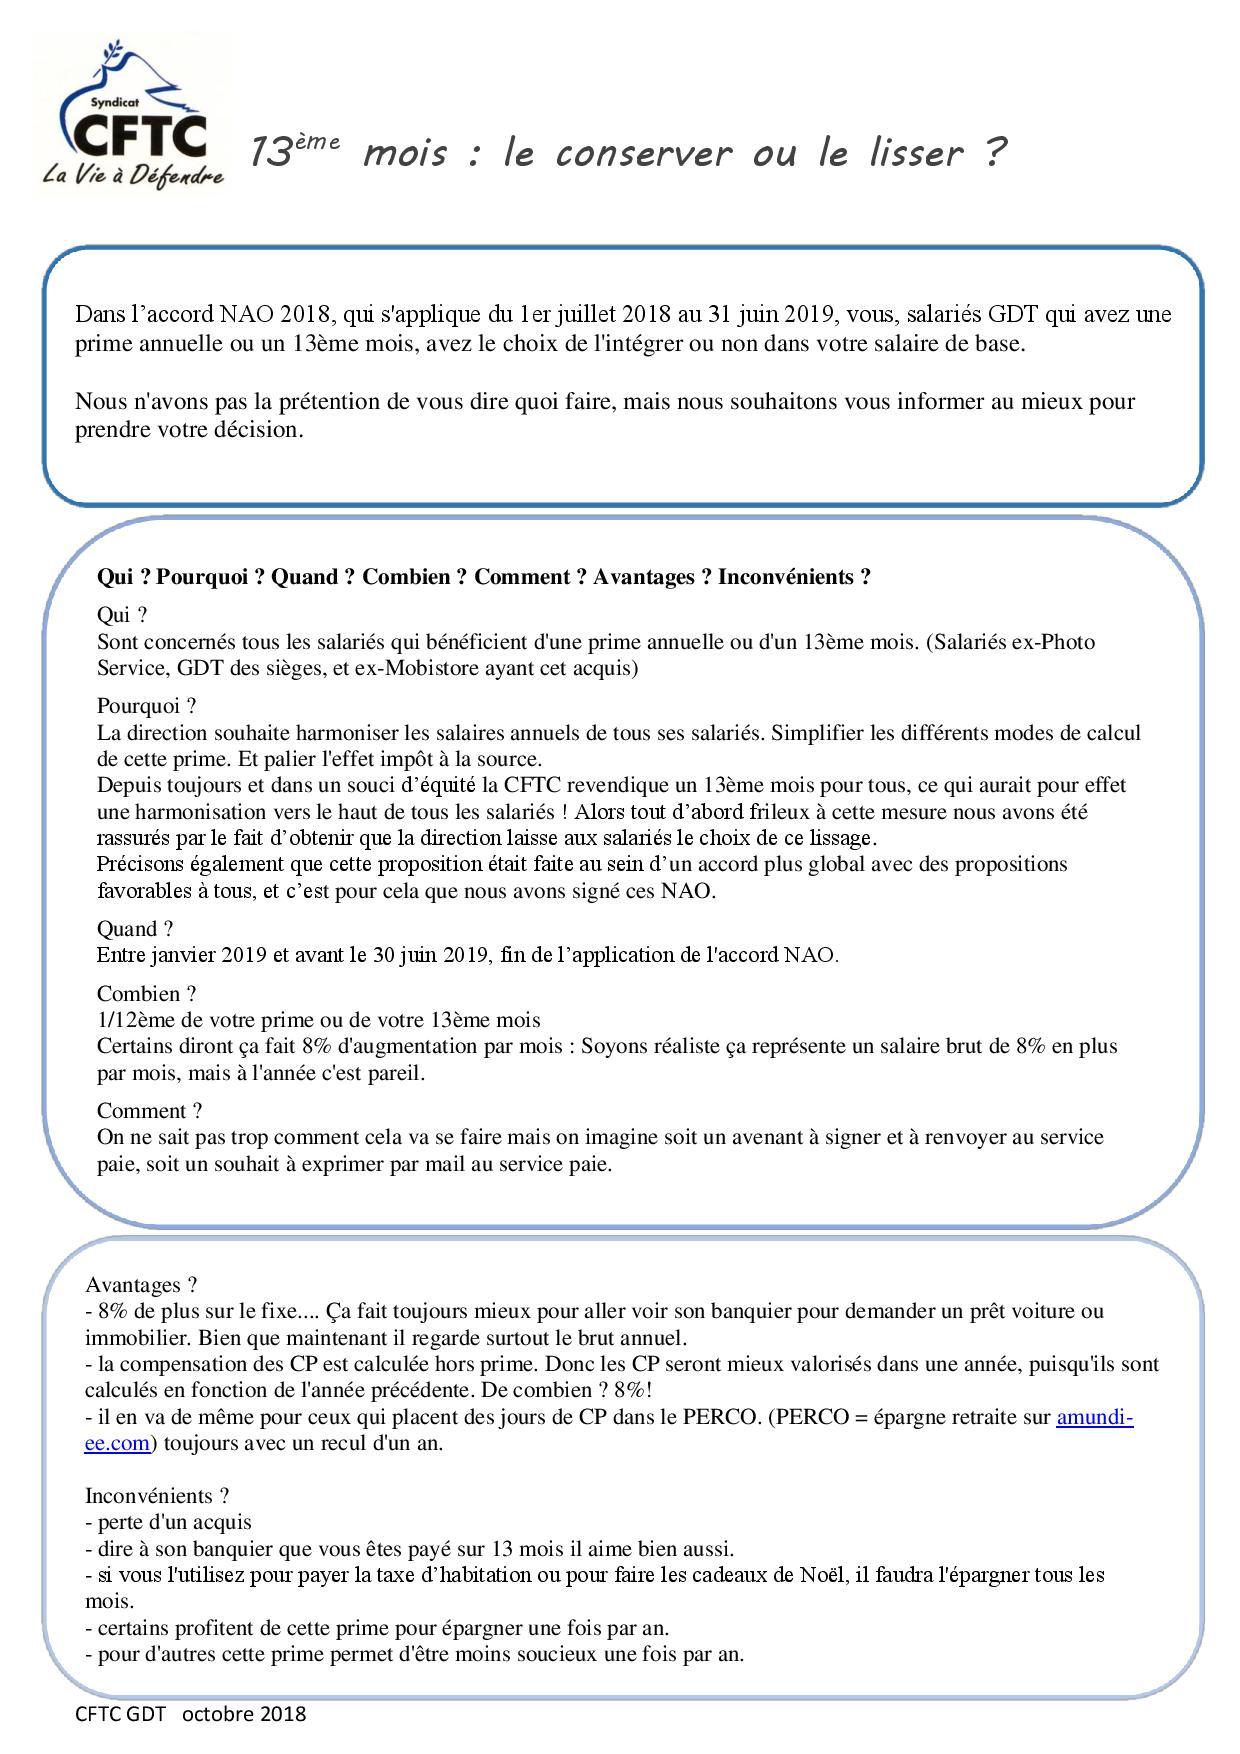 13eme or not 13eme mois 13eme%20or%20not%2013eme%20mois-page-001